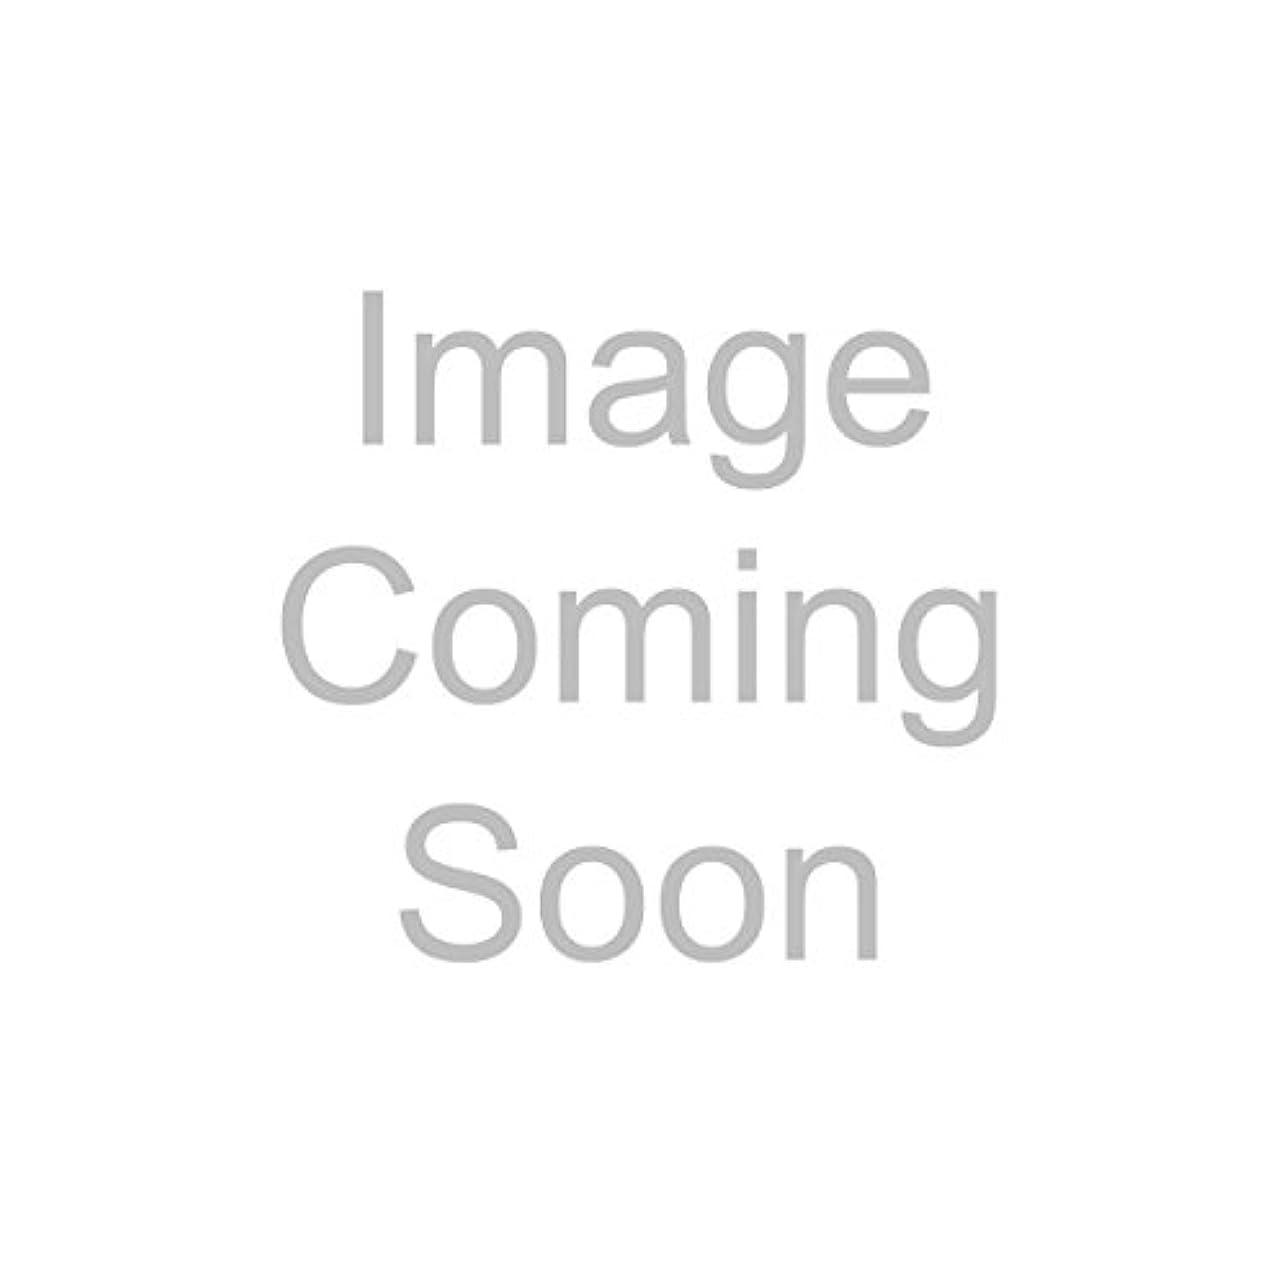 オーナー挨拶する鈍いナルシソ ロドリゲス フォーハー シャワージェル 200ml/6.7oz 200ml/6.7oz